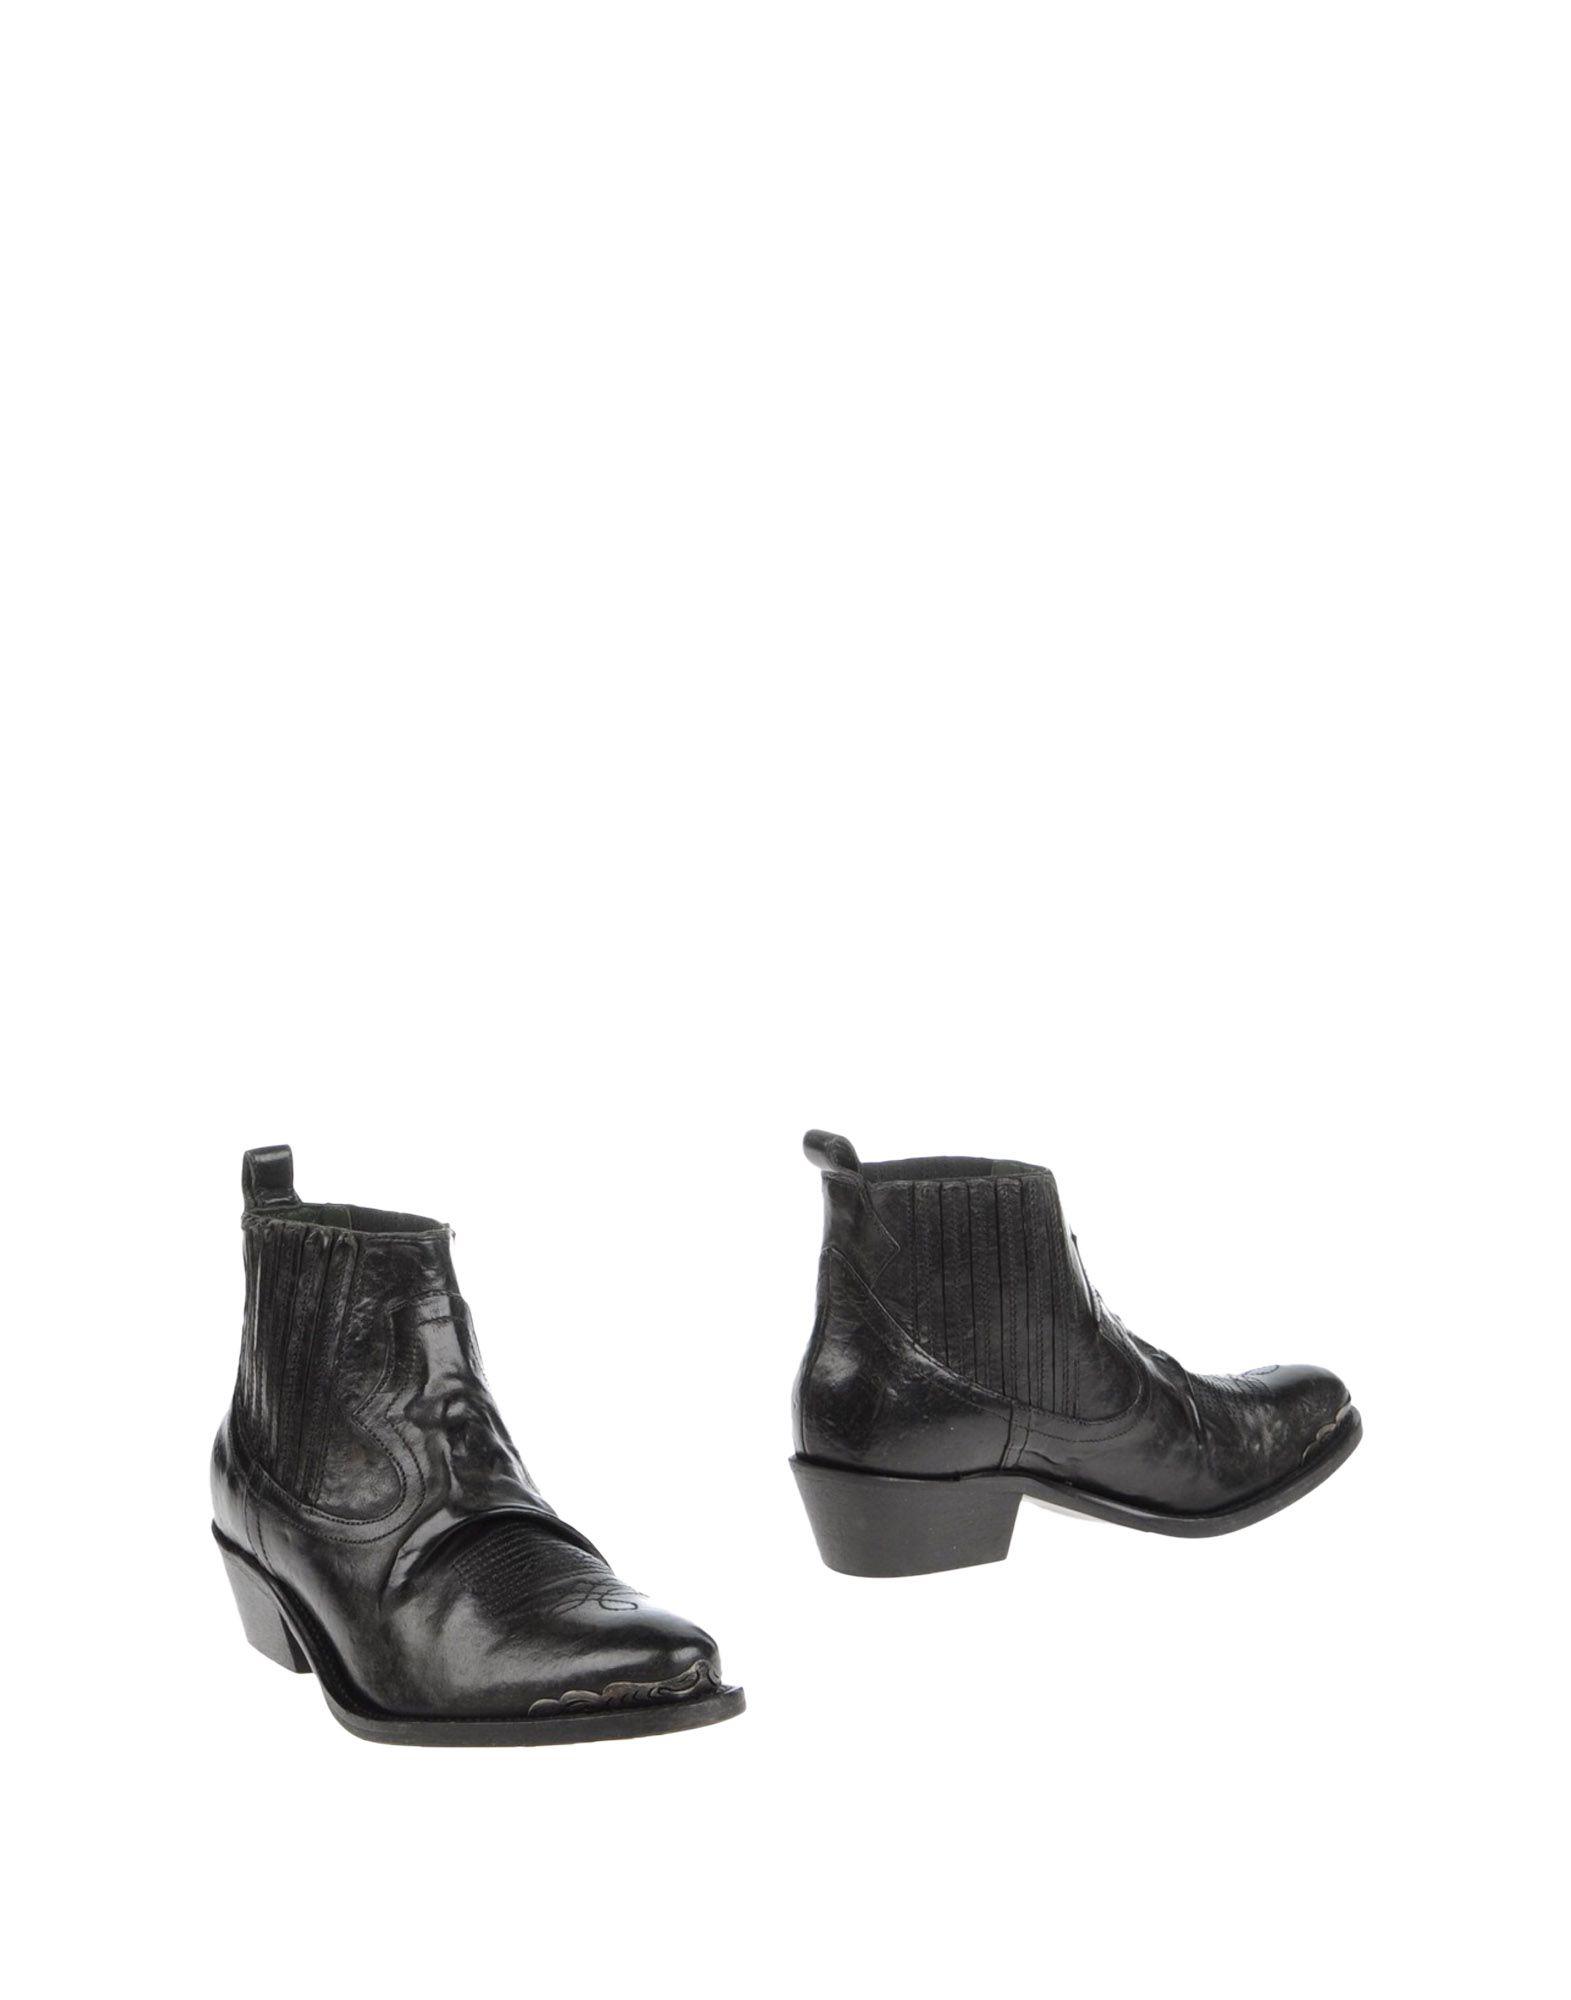 G DI G Полусапоги и высокие ботинки купить футбольную форму челси торрес